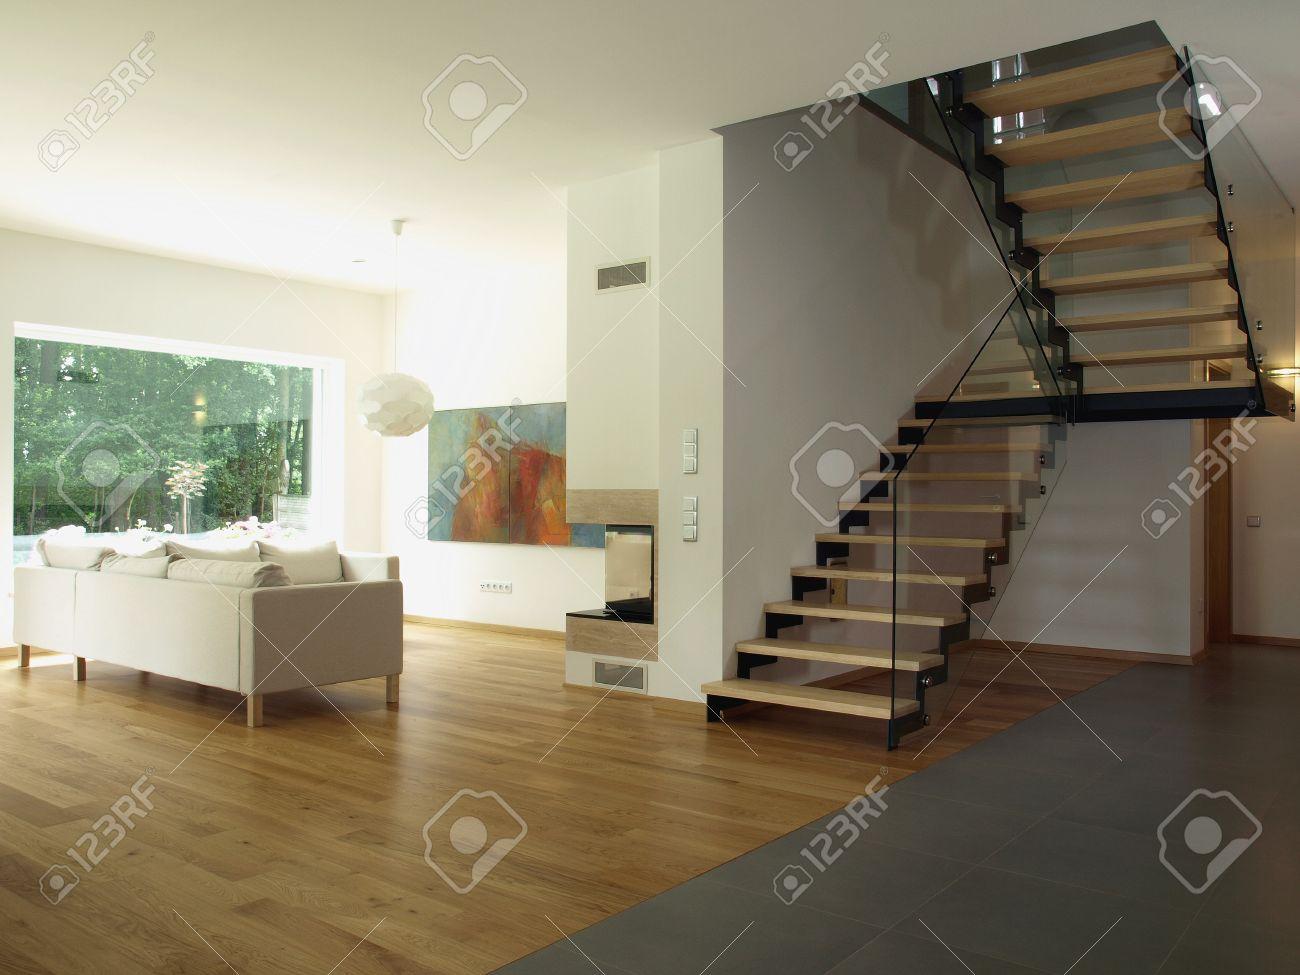 Maison Contemporaine: Escalier Et Une Salle De Séjour Banque D ...